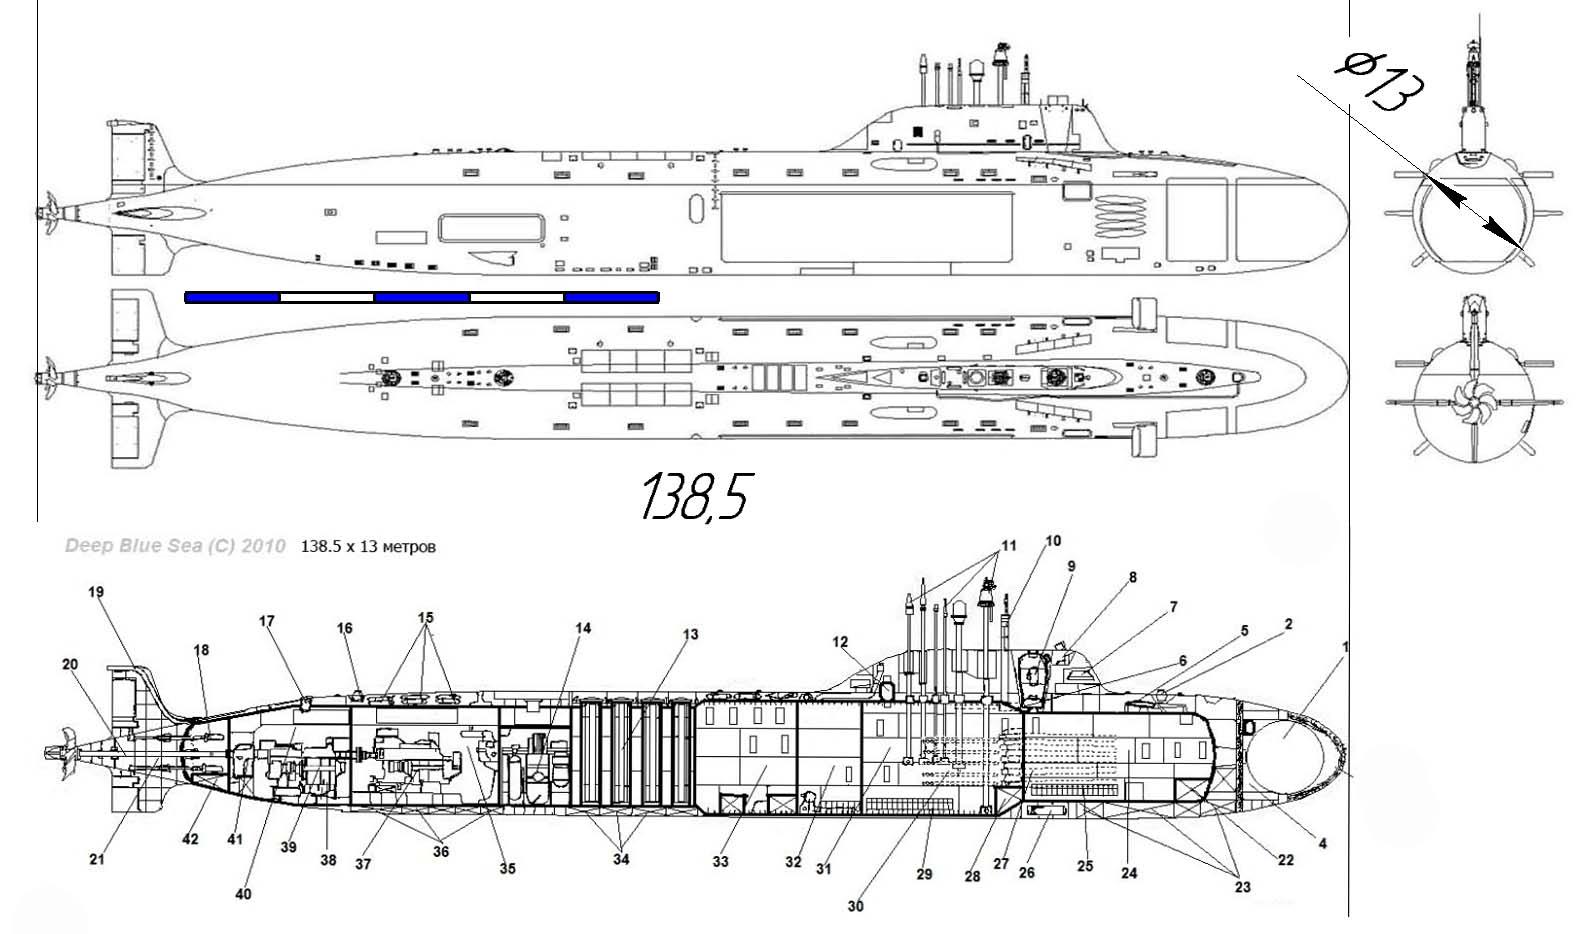 """Схема атомных подводных лодок c крылатыми ракетами (ПЛАРК) четвёртого поколения проекта 885 (08850) """"Ясень""""."""